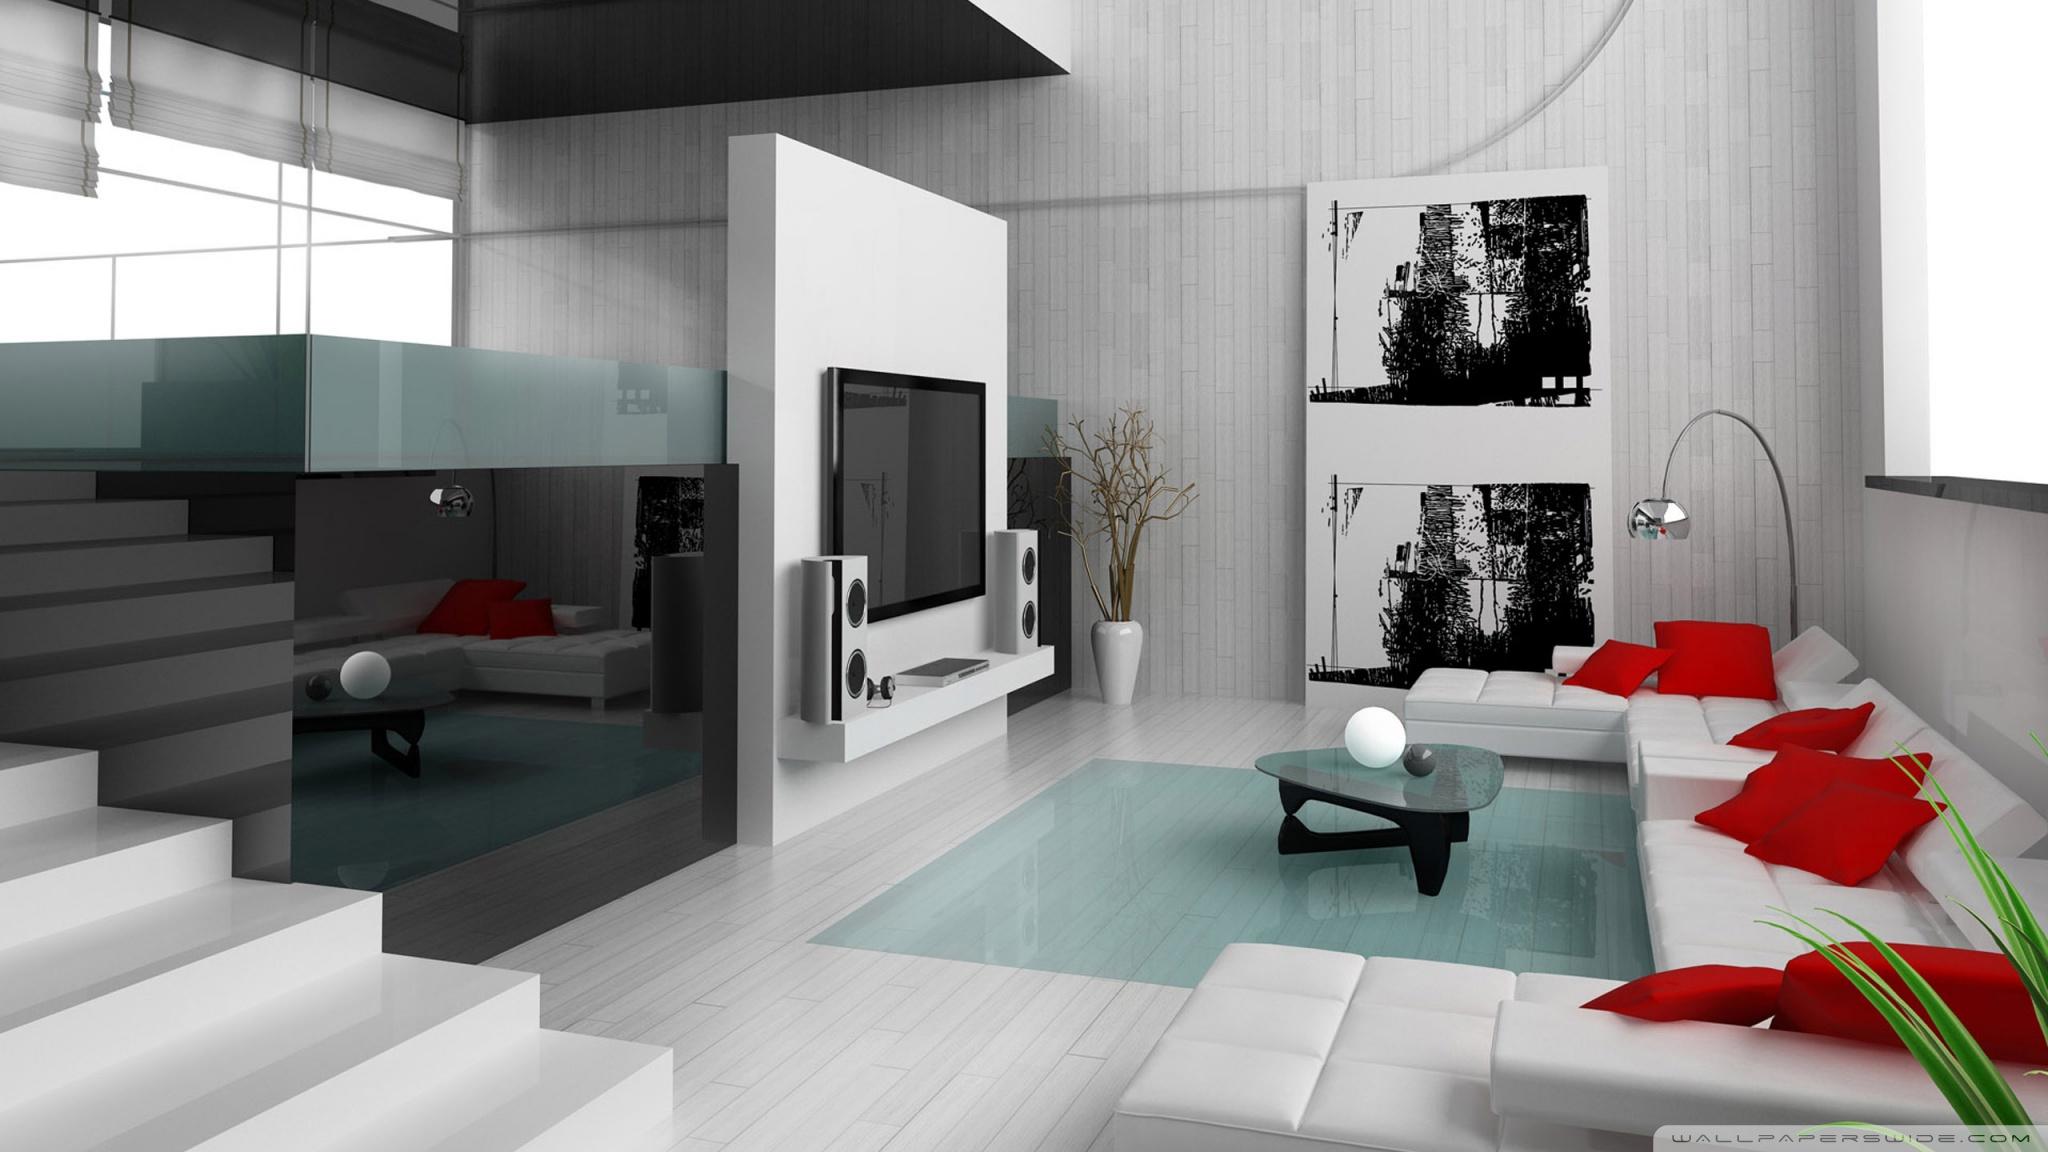 Картинки современного стиля в интерьере